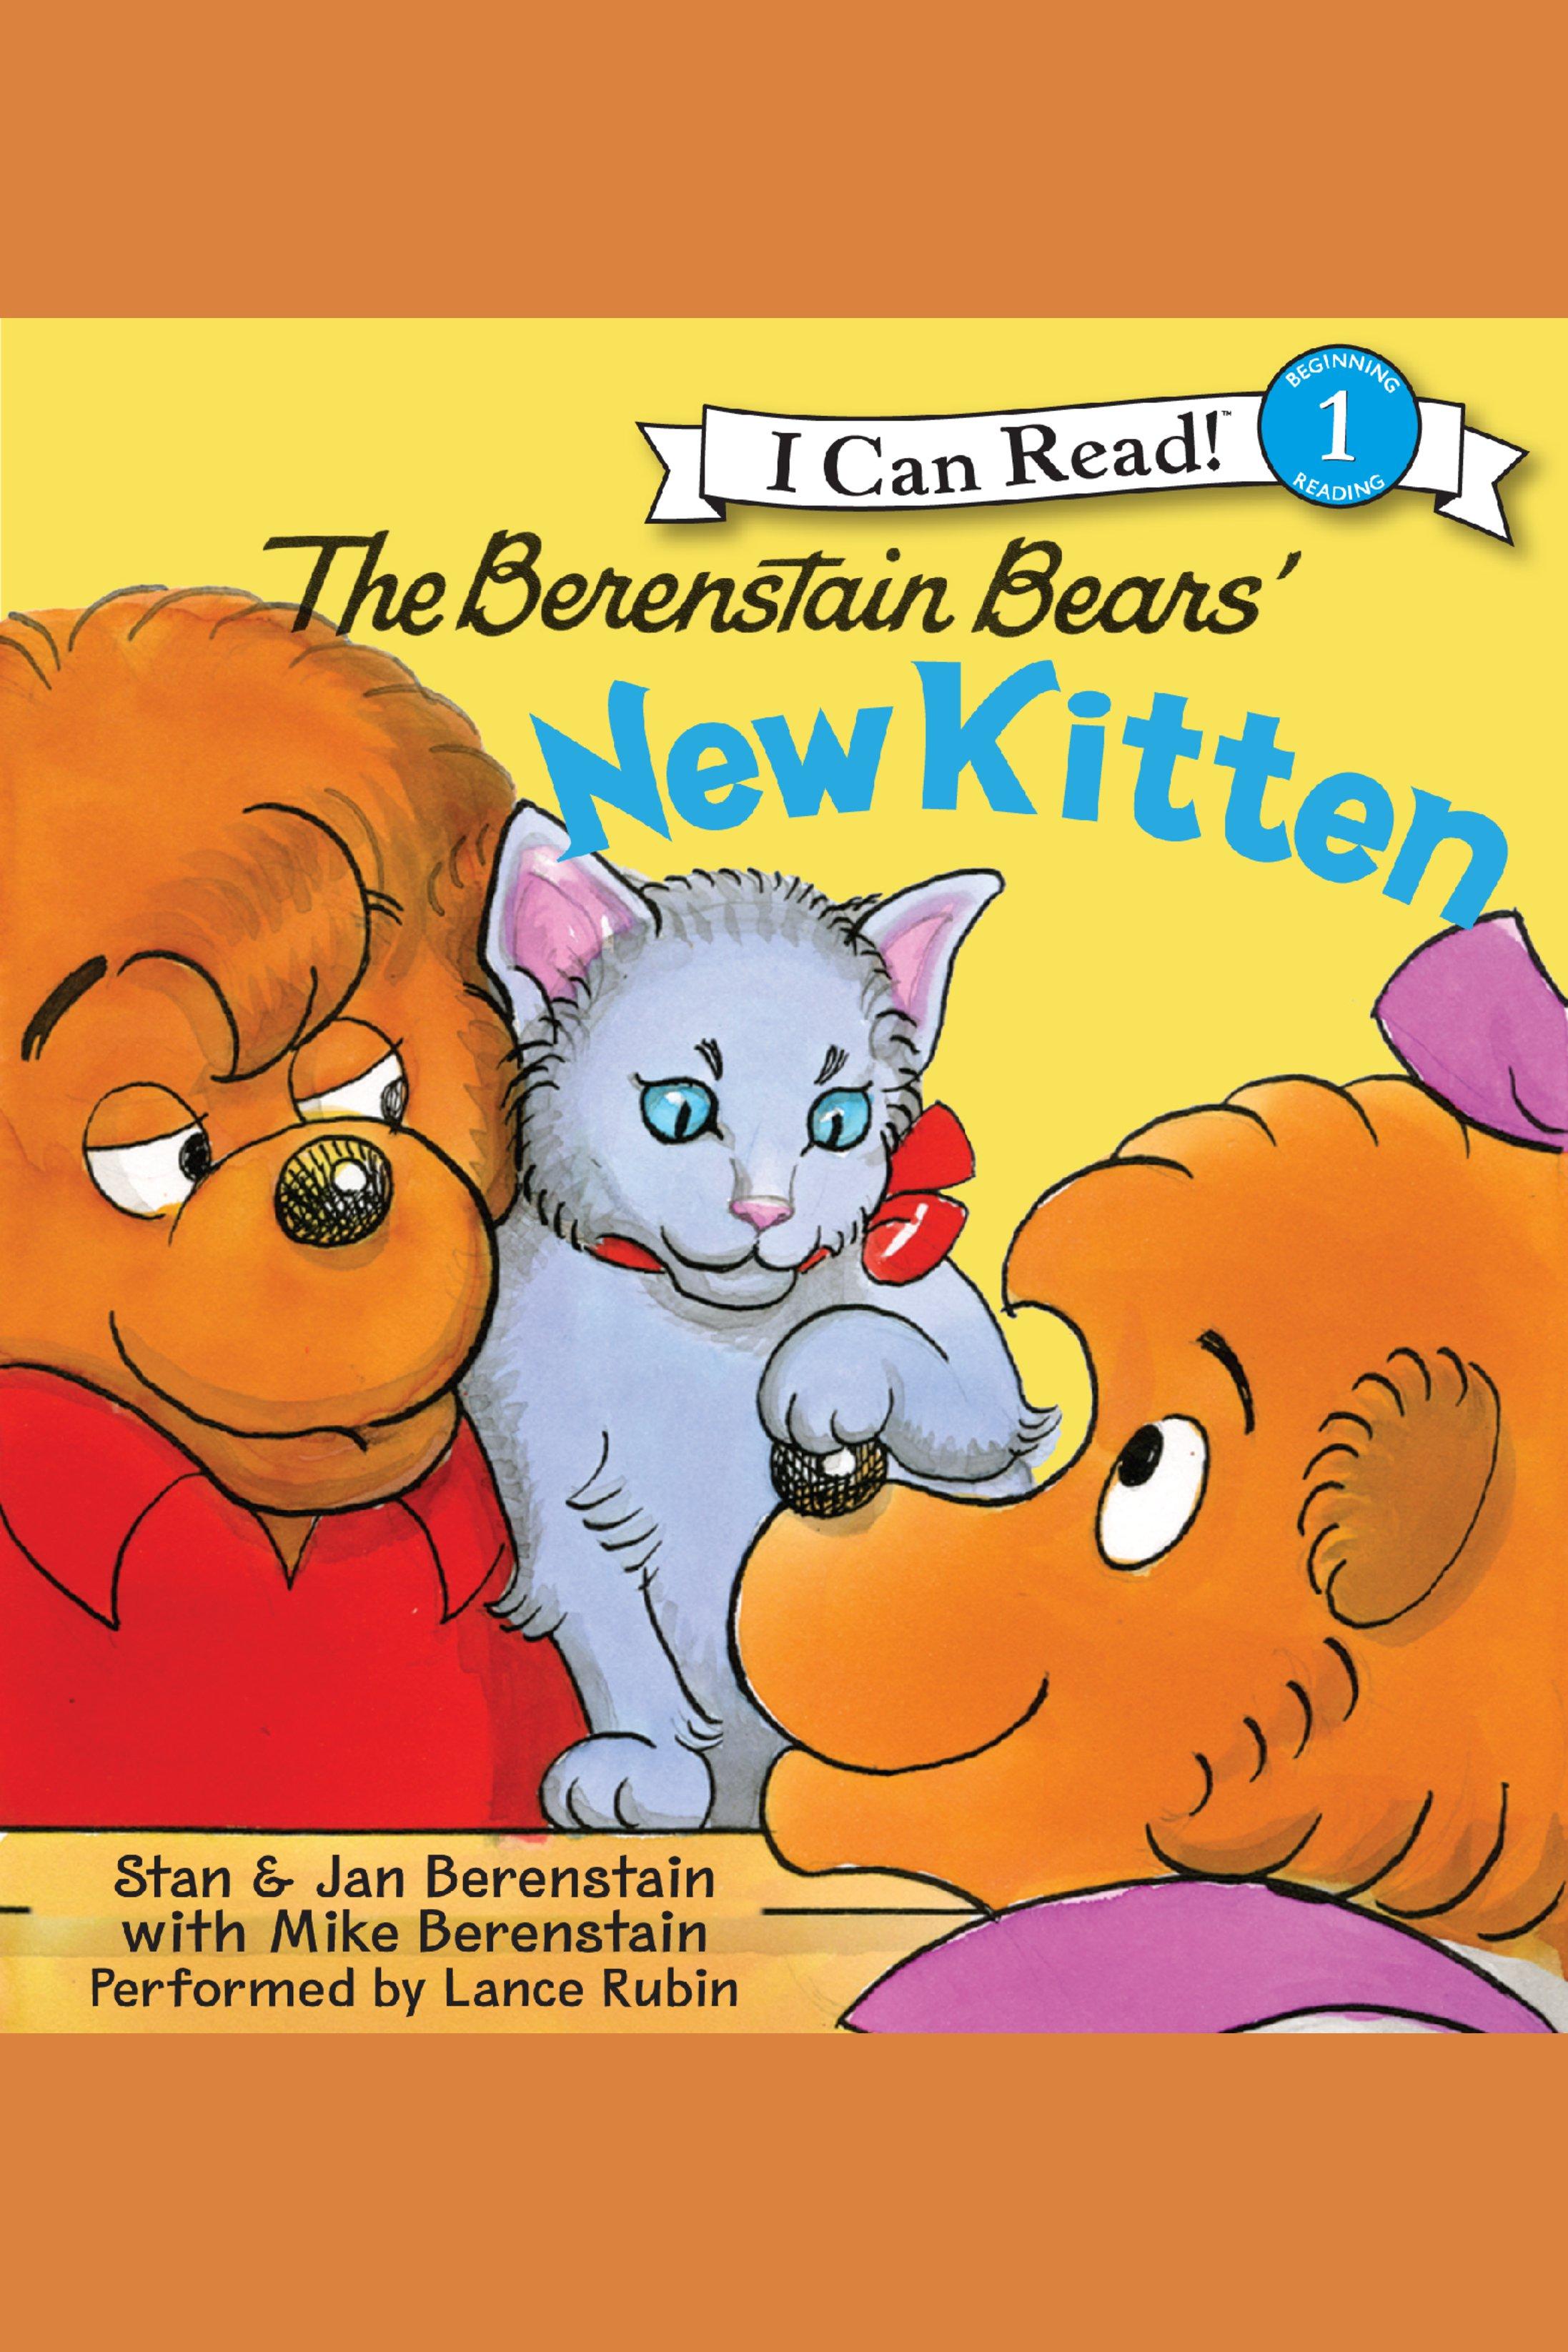 The Berenstain Bears' new kitten cover image